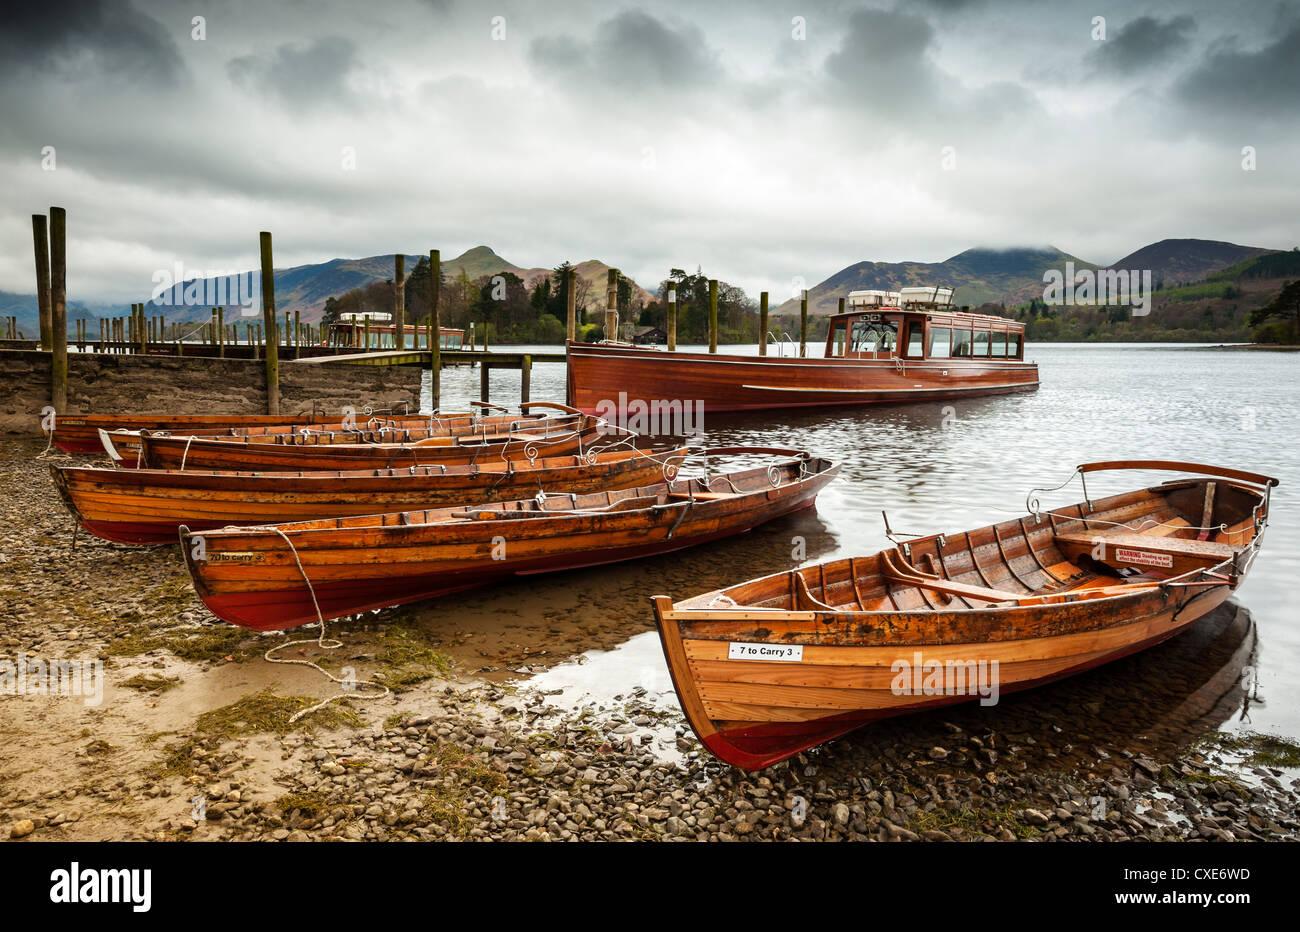 Keswick lancio barche, Derwent Water, Parco Nazionale del Distretto dei Laghi, Cumbria, Inghilterra Foto Stock